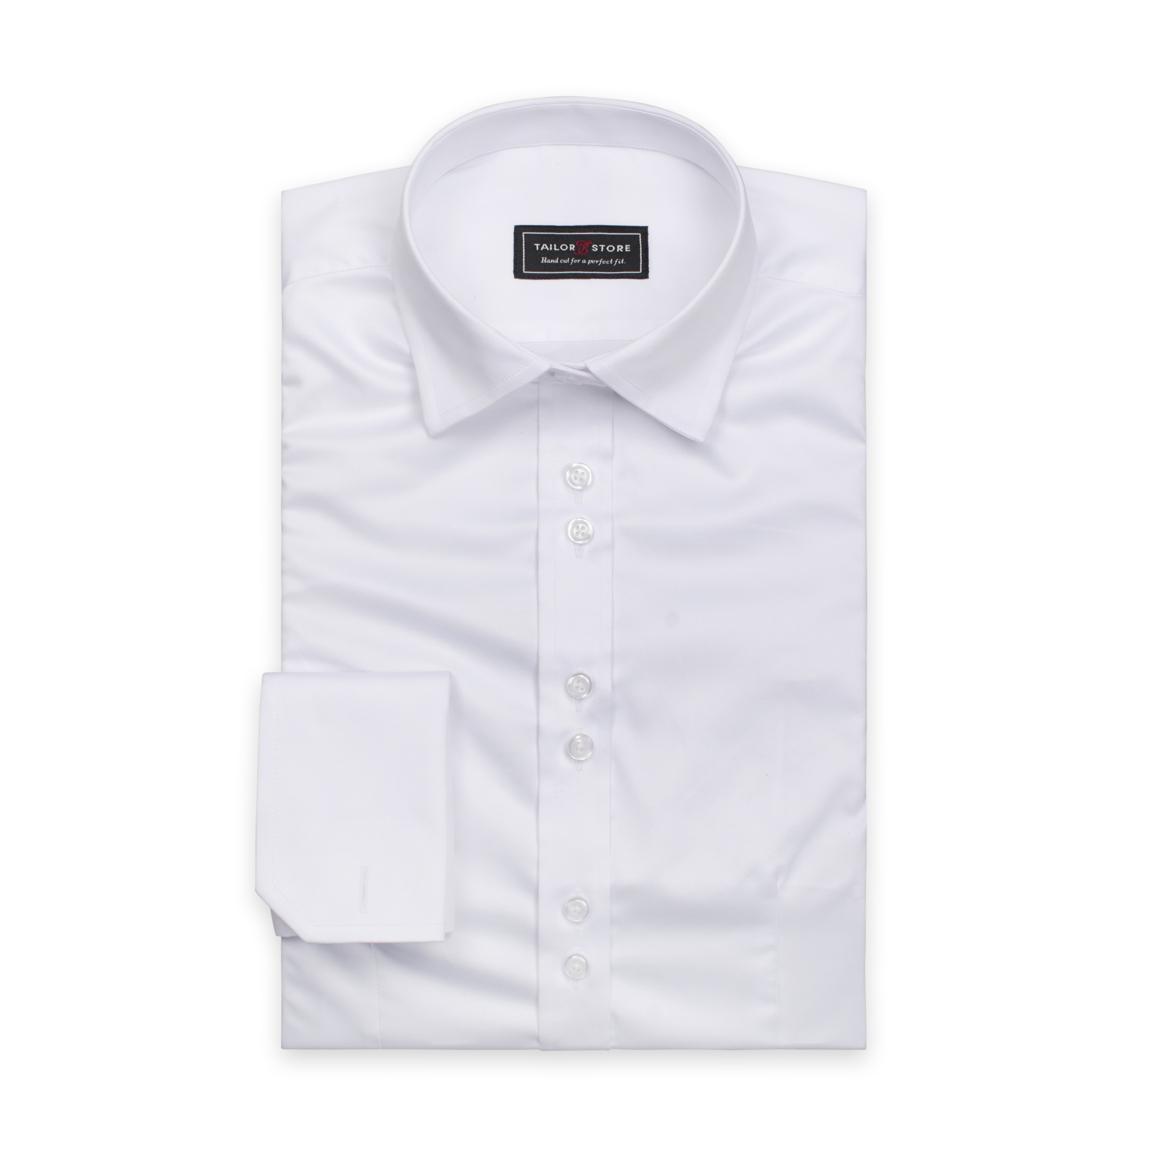 White satin cotton women´s shirt